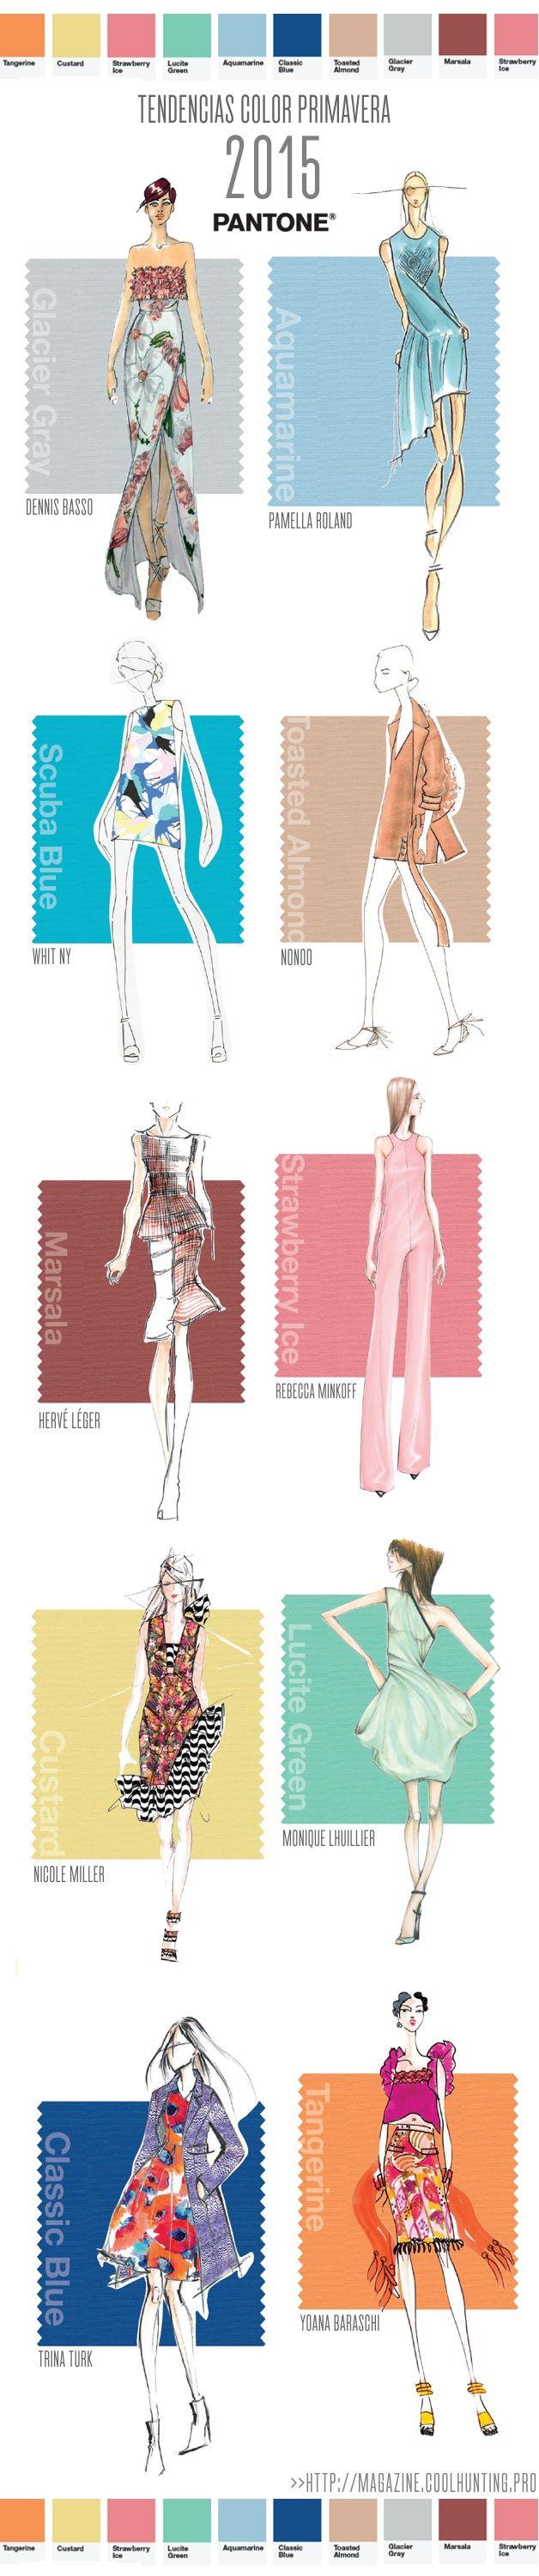 TENDENCIAS COLOR MODA PRIMAVERA 2015 - Selección de figurines con las tendencias de color de la temporada , gracias a Pantone y http://magazine.coolhunting.pro